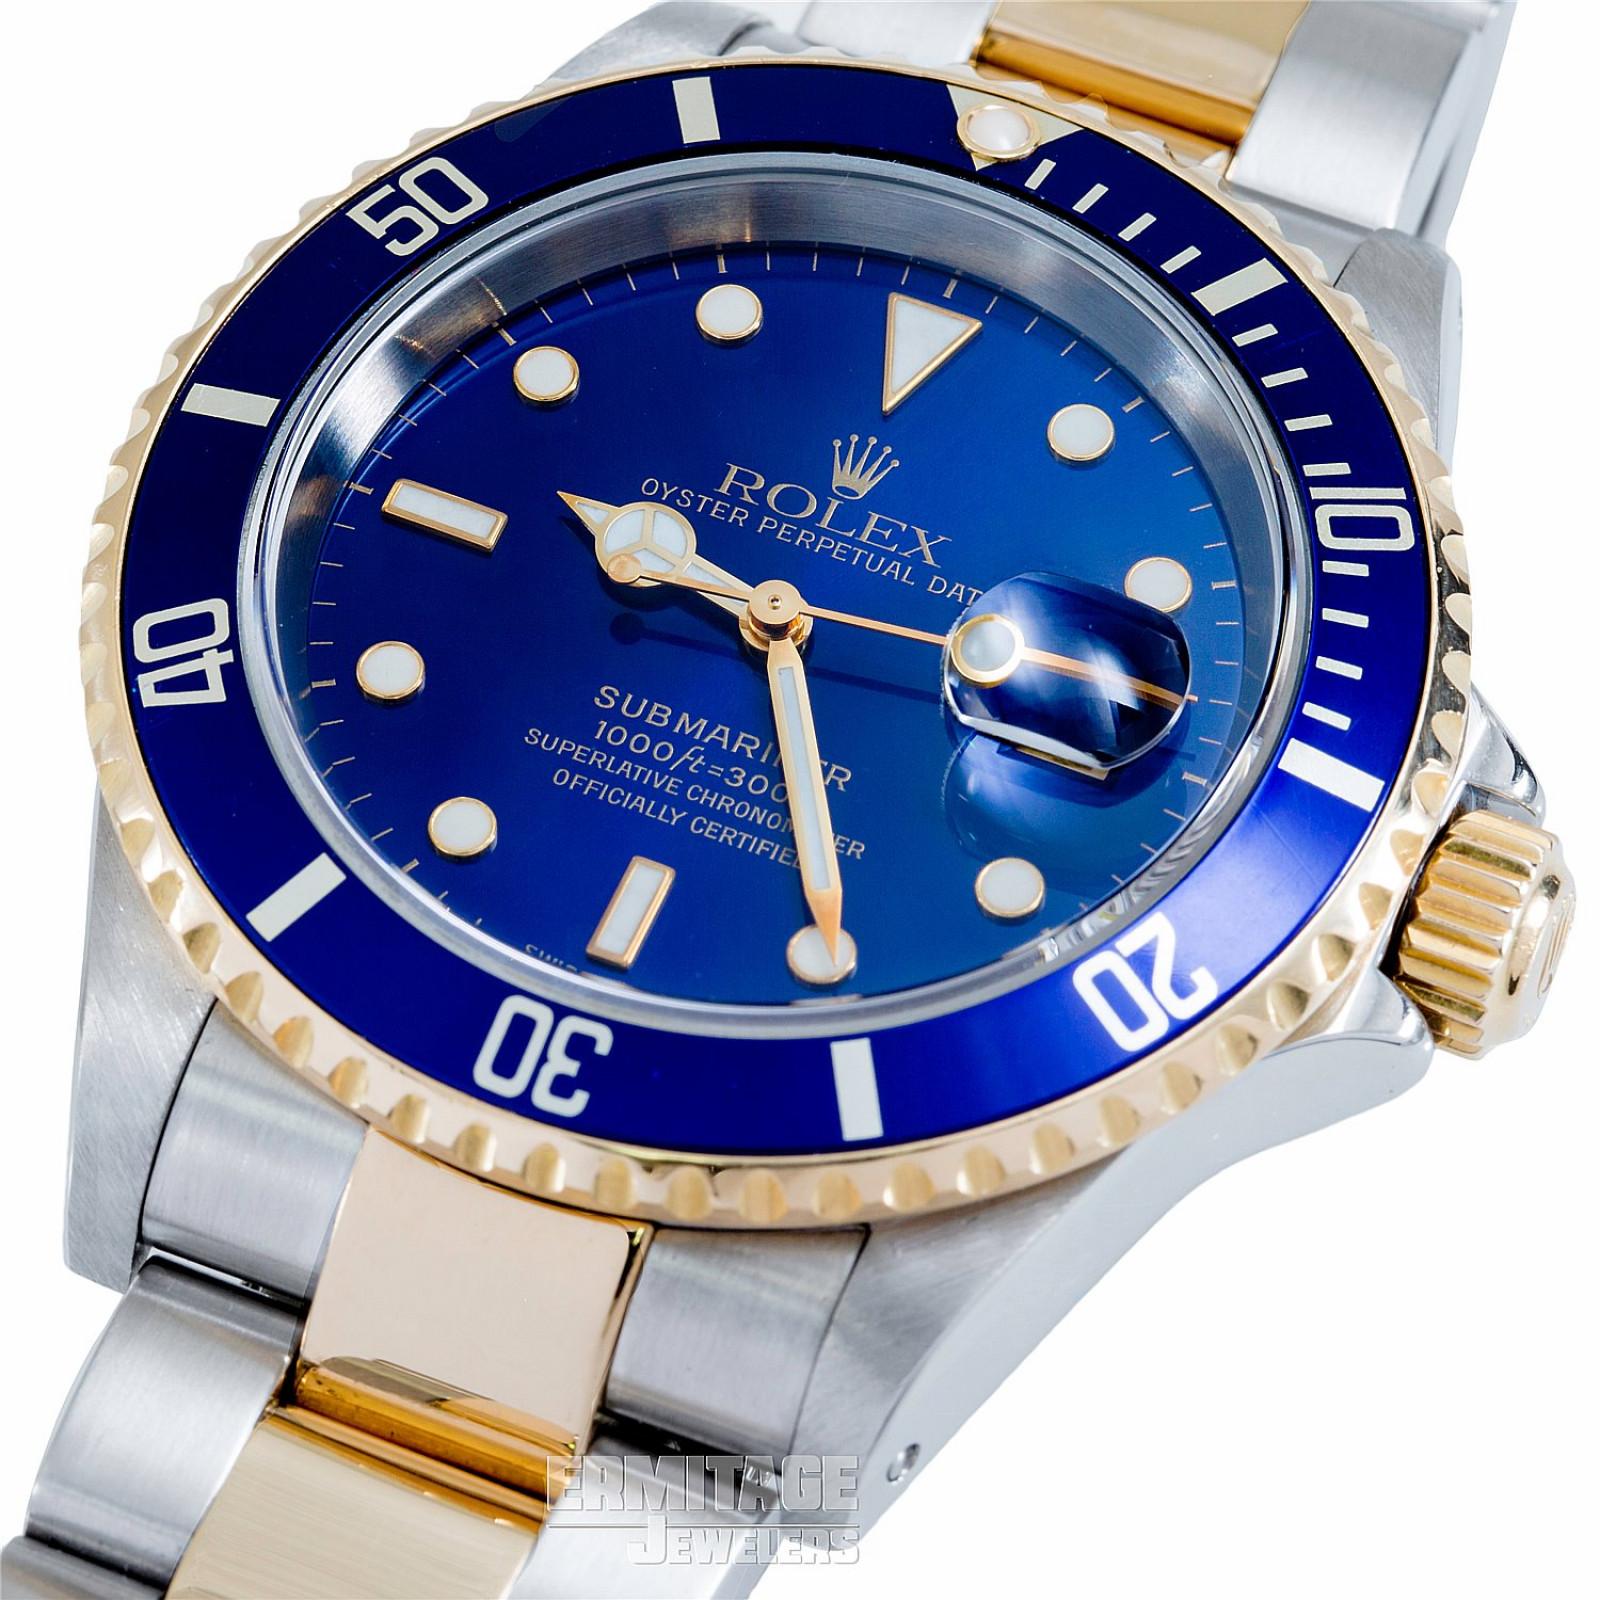 Rolex Submariner 16613 Diving 1000 ft